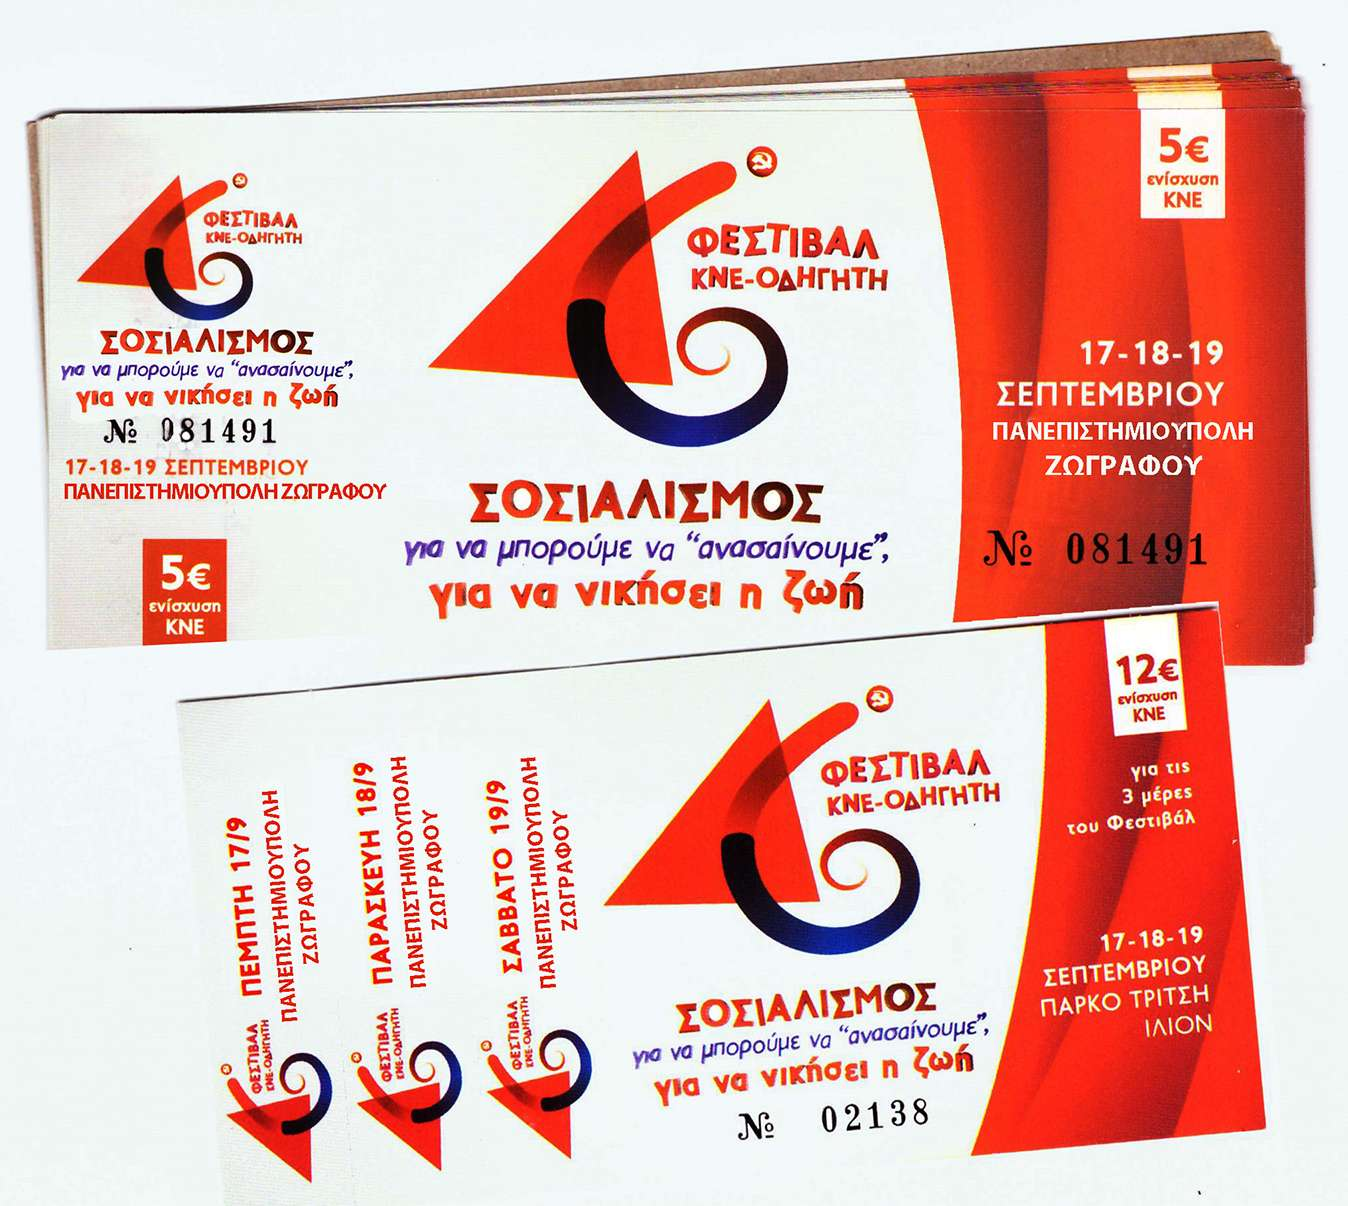 Εισιτήρια Φεστιβάλ ΚΝΕ ΟΔΗΔΗΤΗ 2020